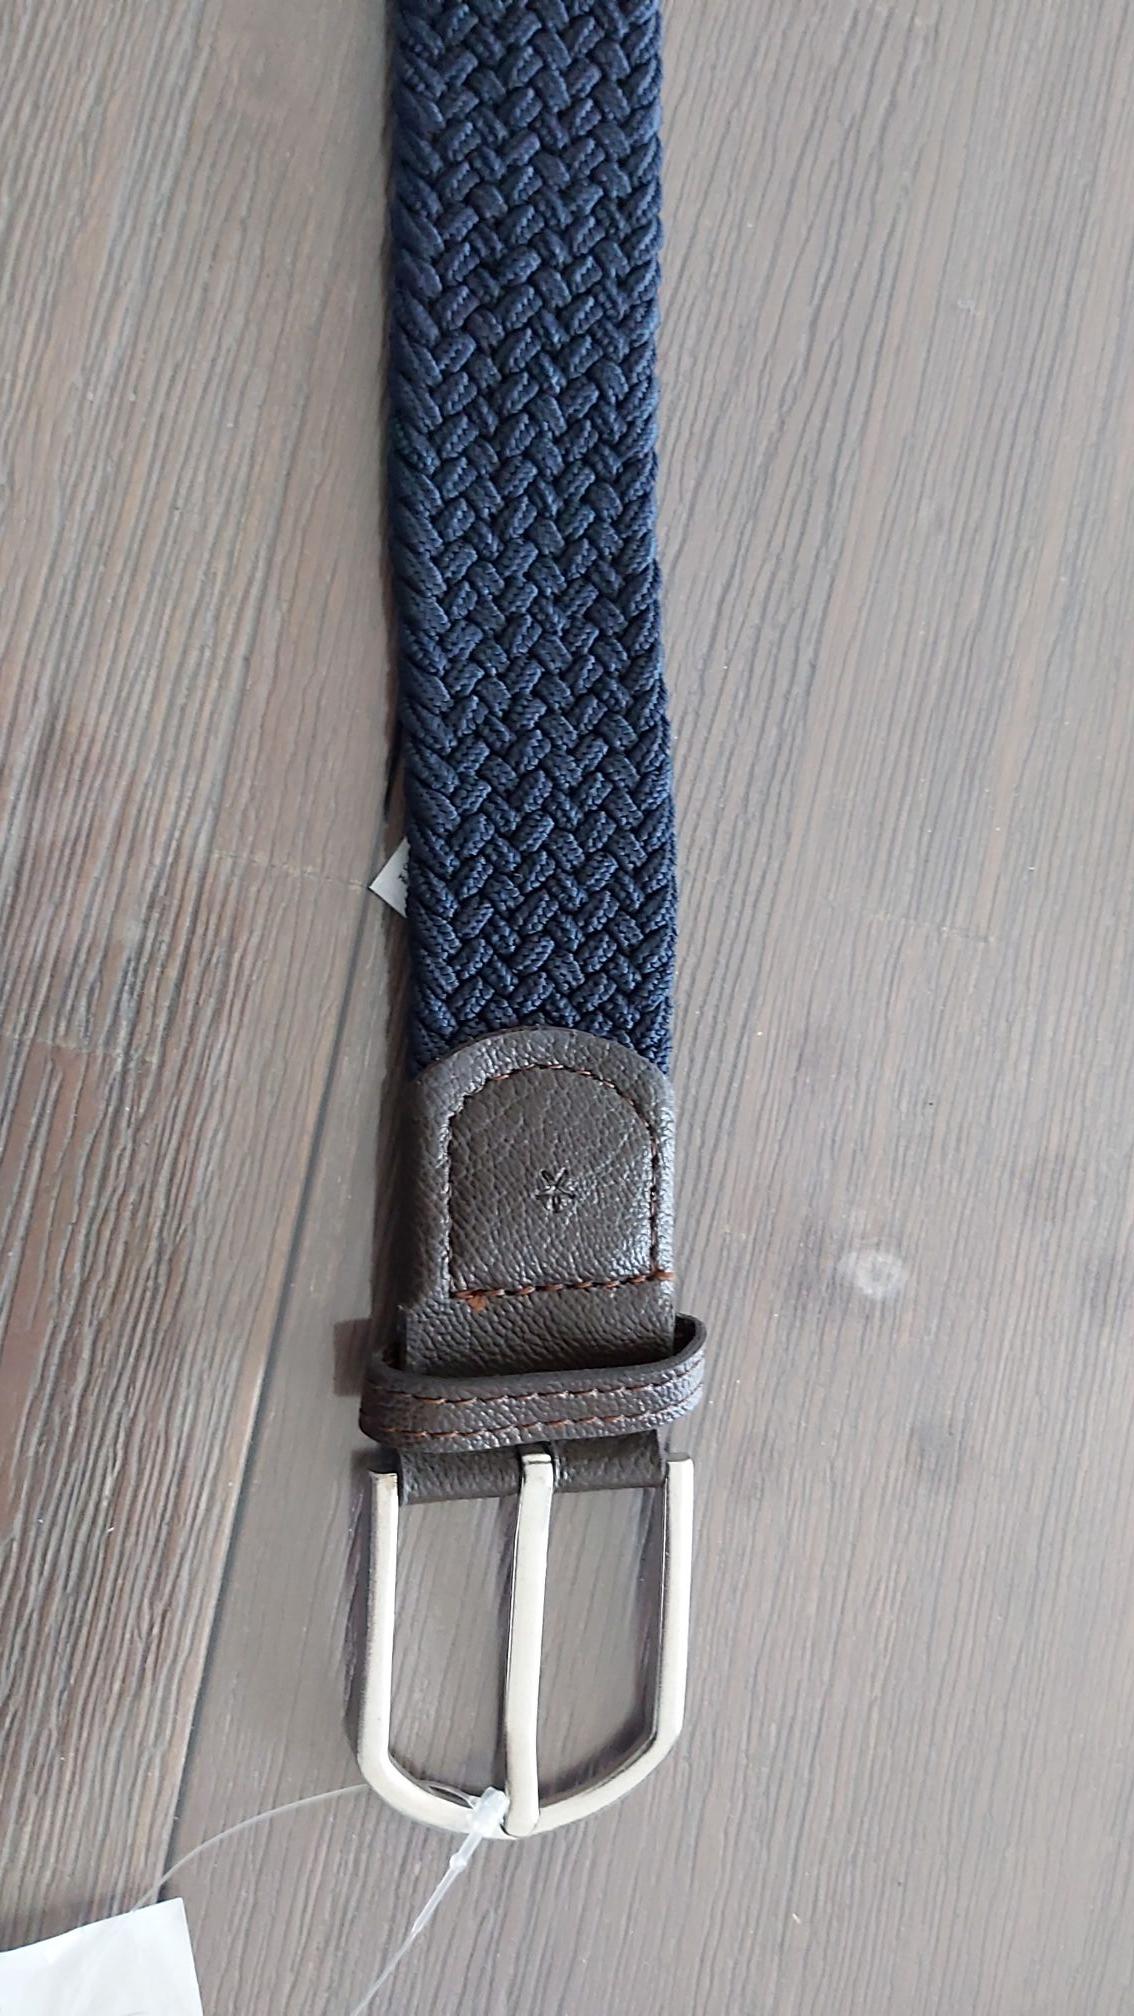 Ceinture élastique bleu marine ou noir - Orvault (44)